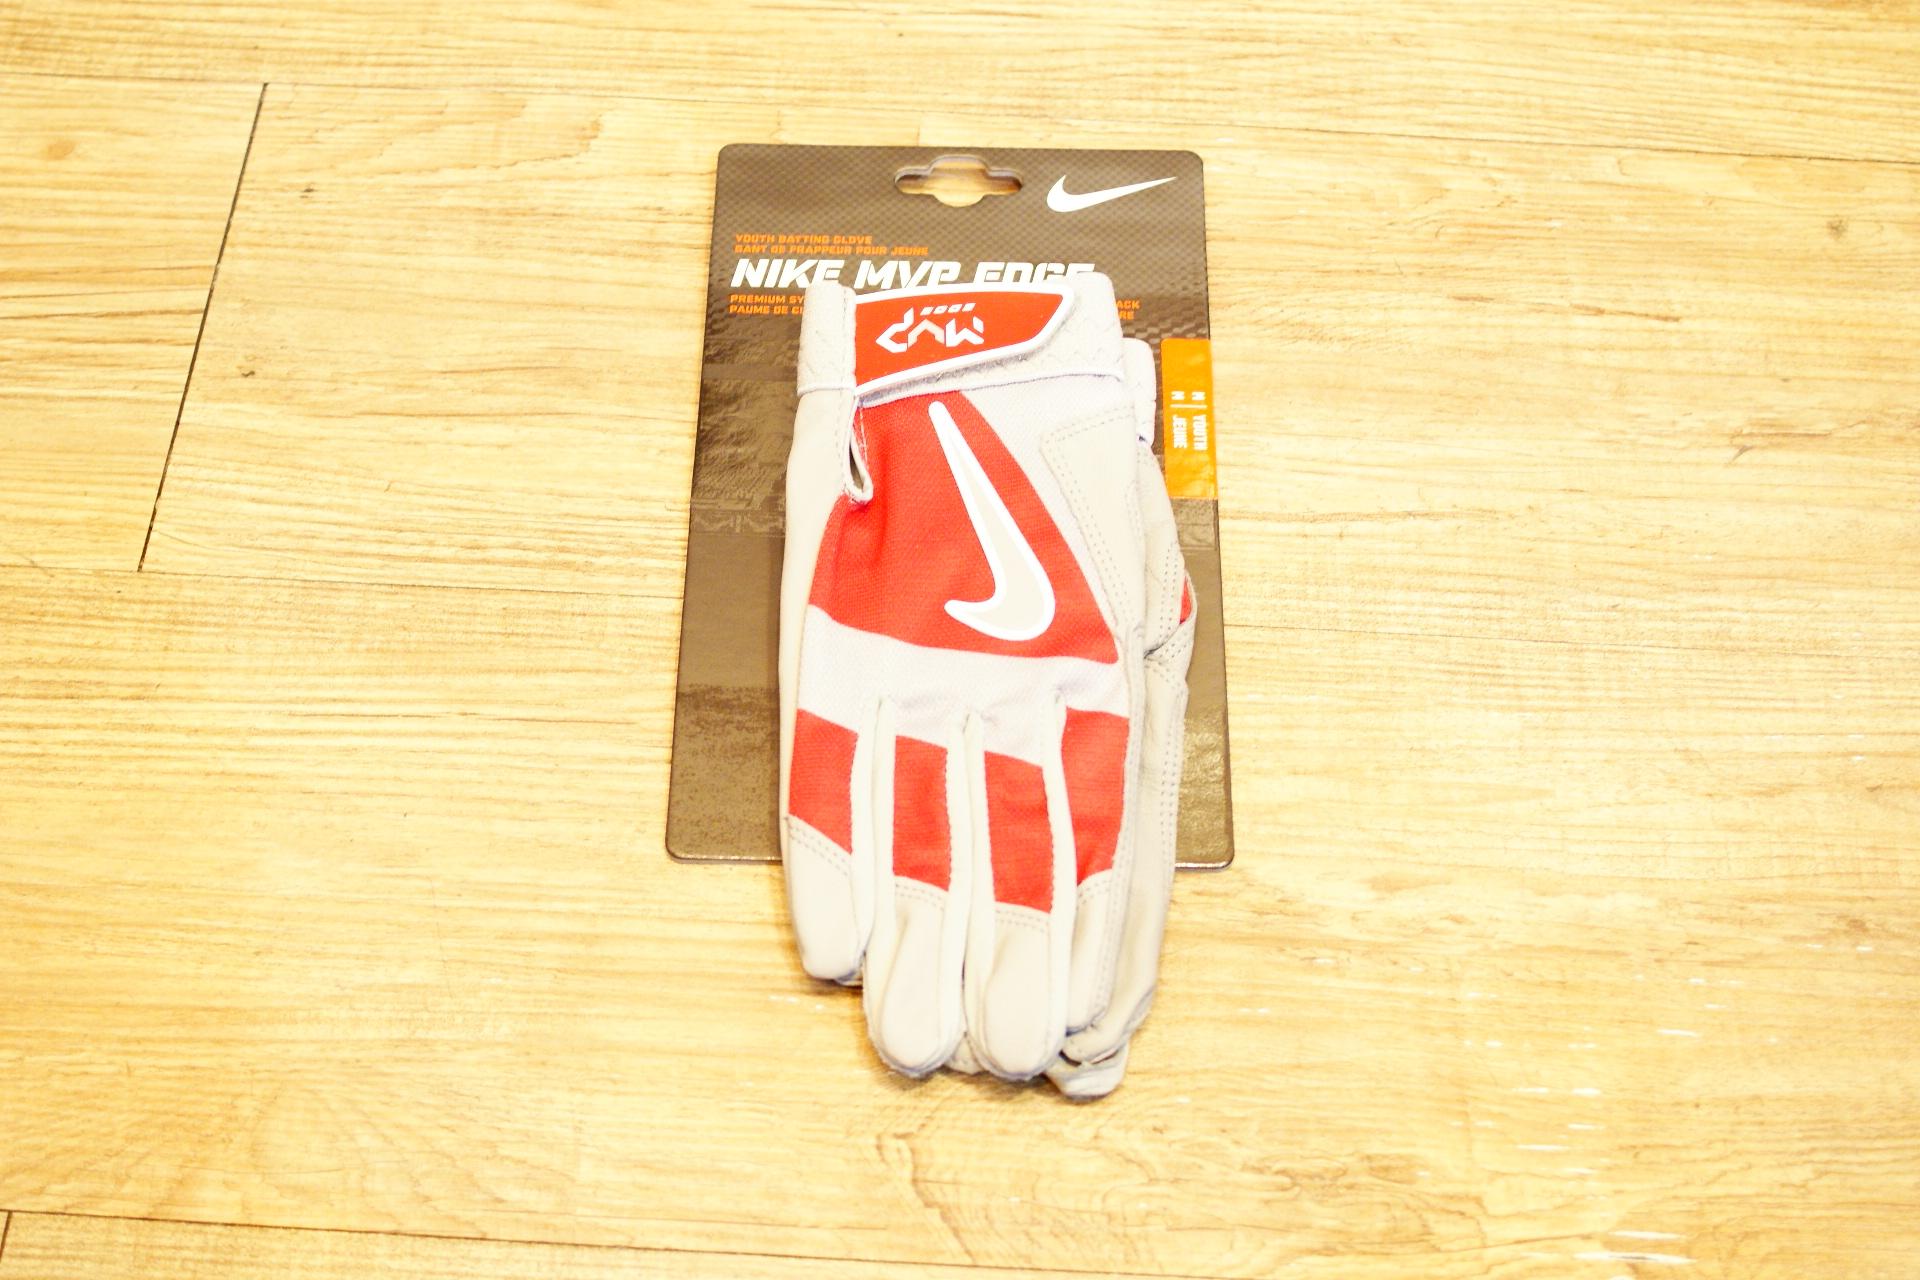 棒球世界 Nike MVP YOUTH 最新款打擊手套每雙特價 紅灰色 國小使用